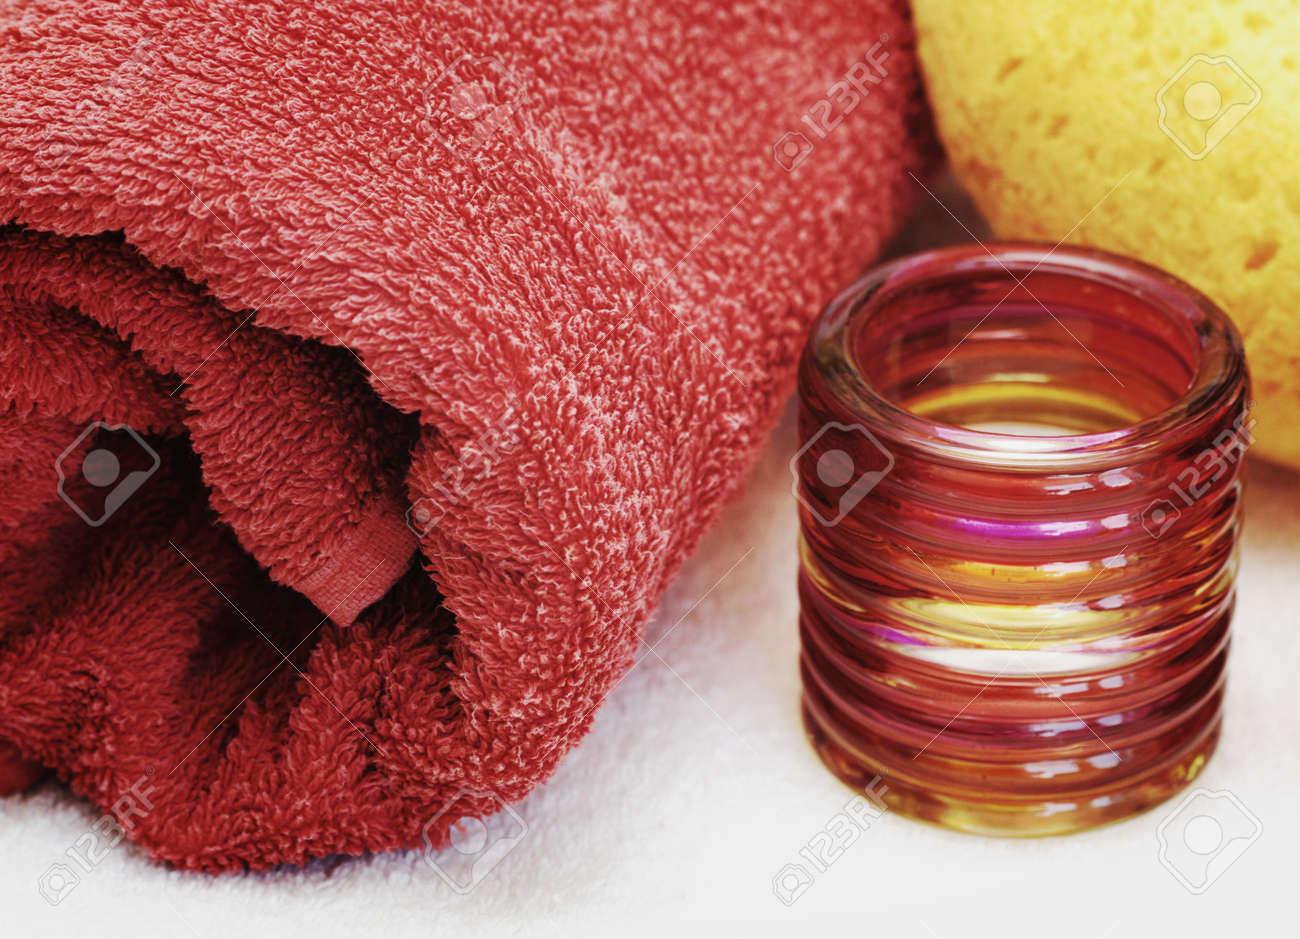 Accessoires pour salle de bain, une serviette rouge et une débarbouillette